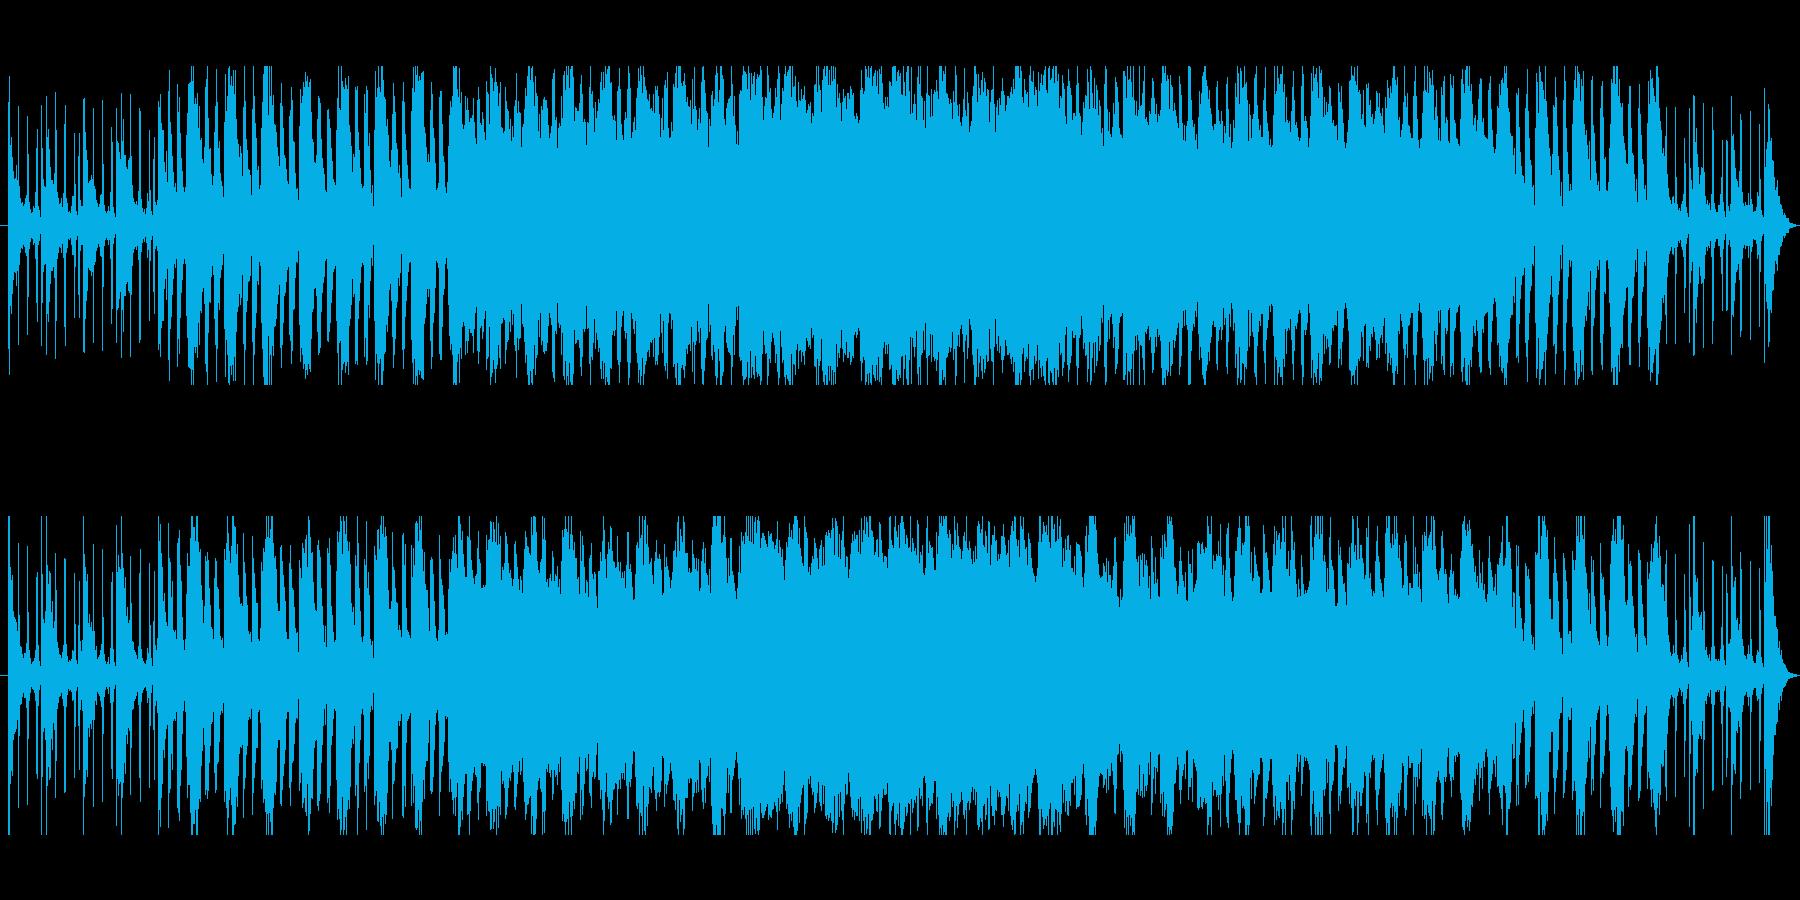 軽快なオーケストラ。ボレロ風の再生済みの波形